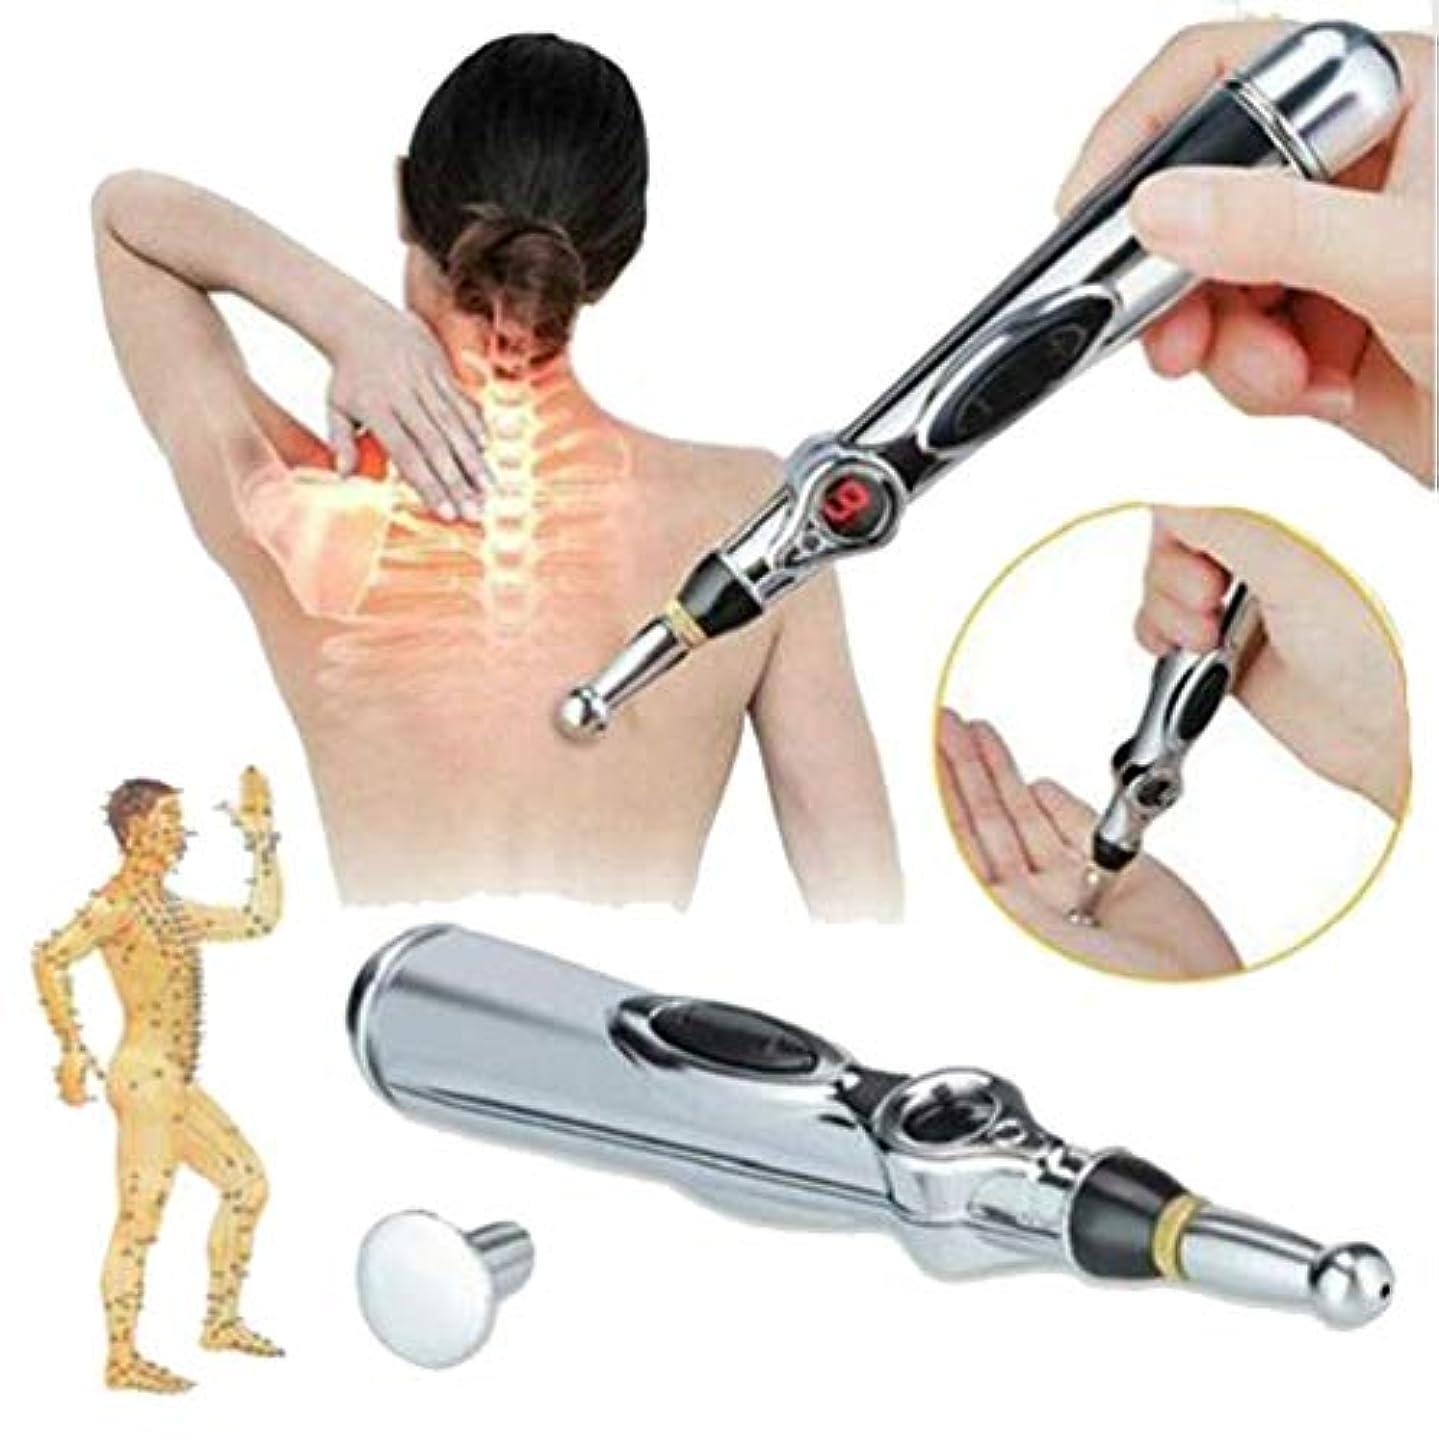 もちろん常習的売るLVESHOP 電子鍼ペン経絡レーザー鍼治療機マグネットマッサージャー